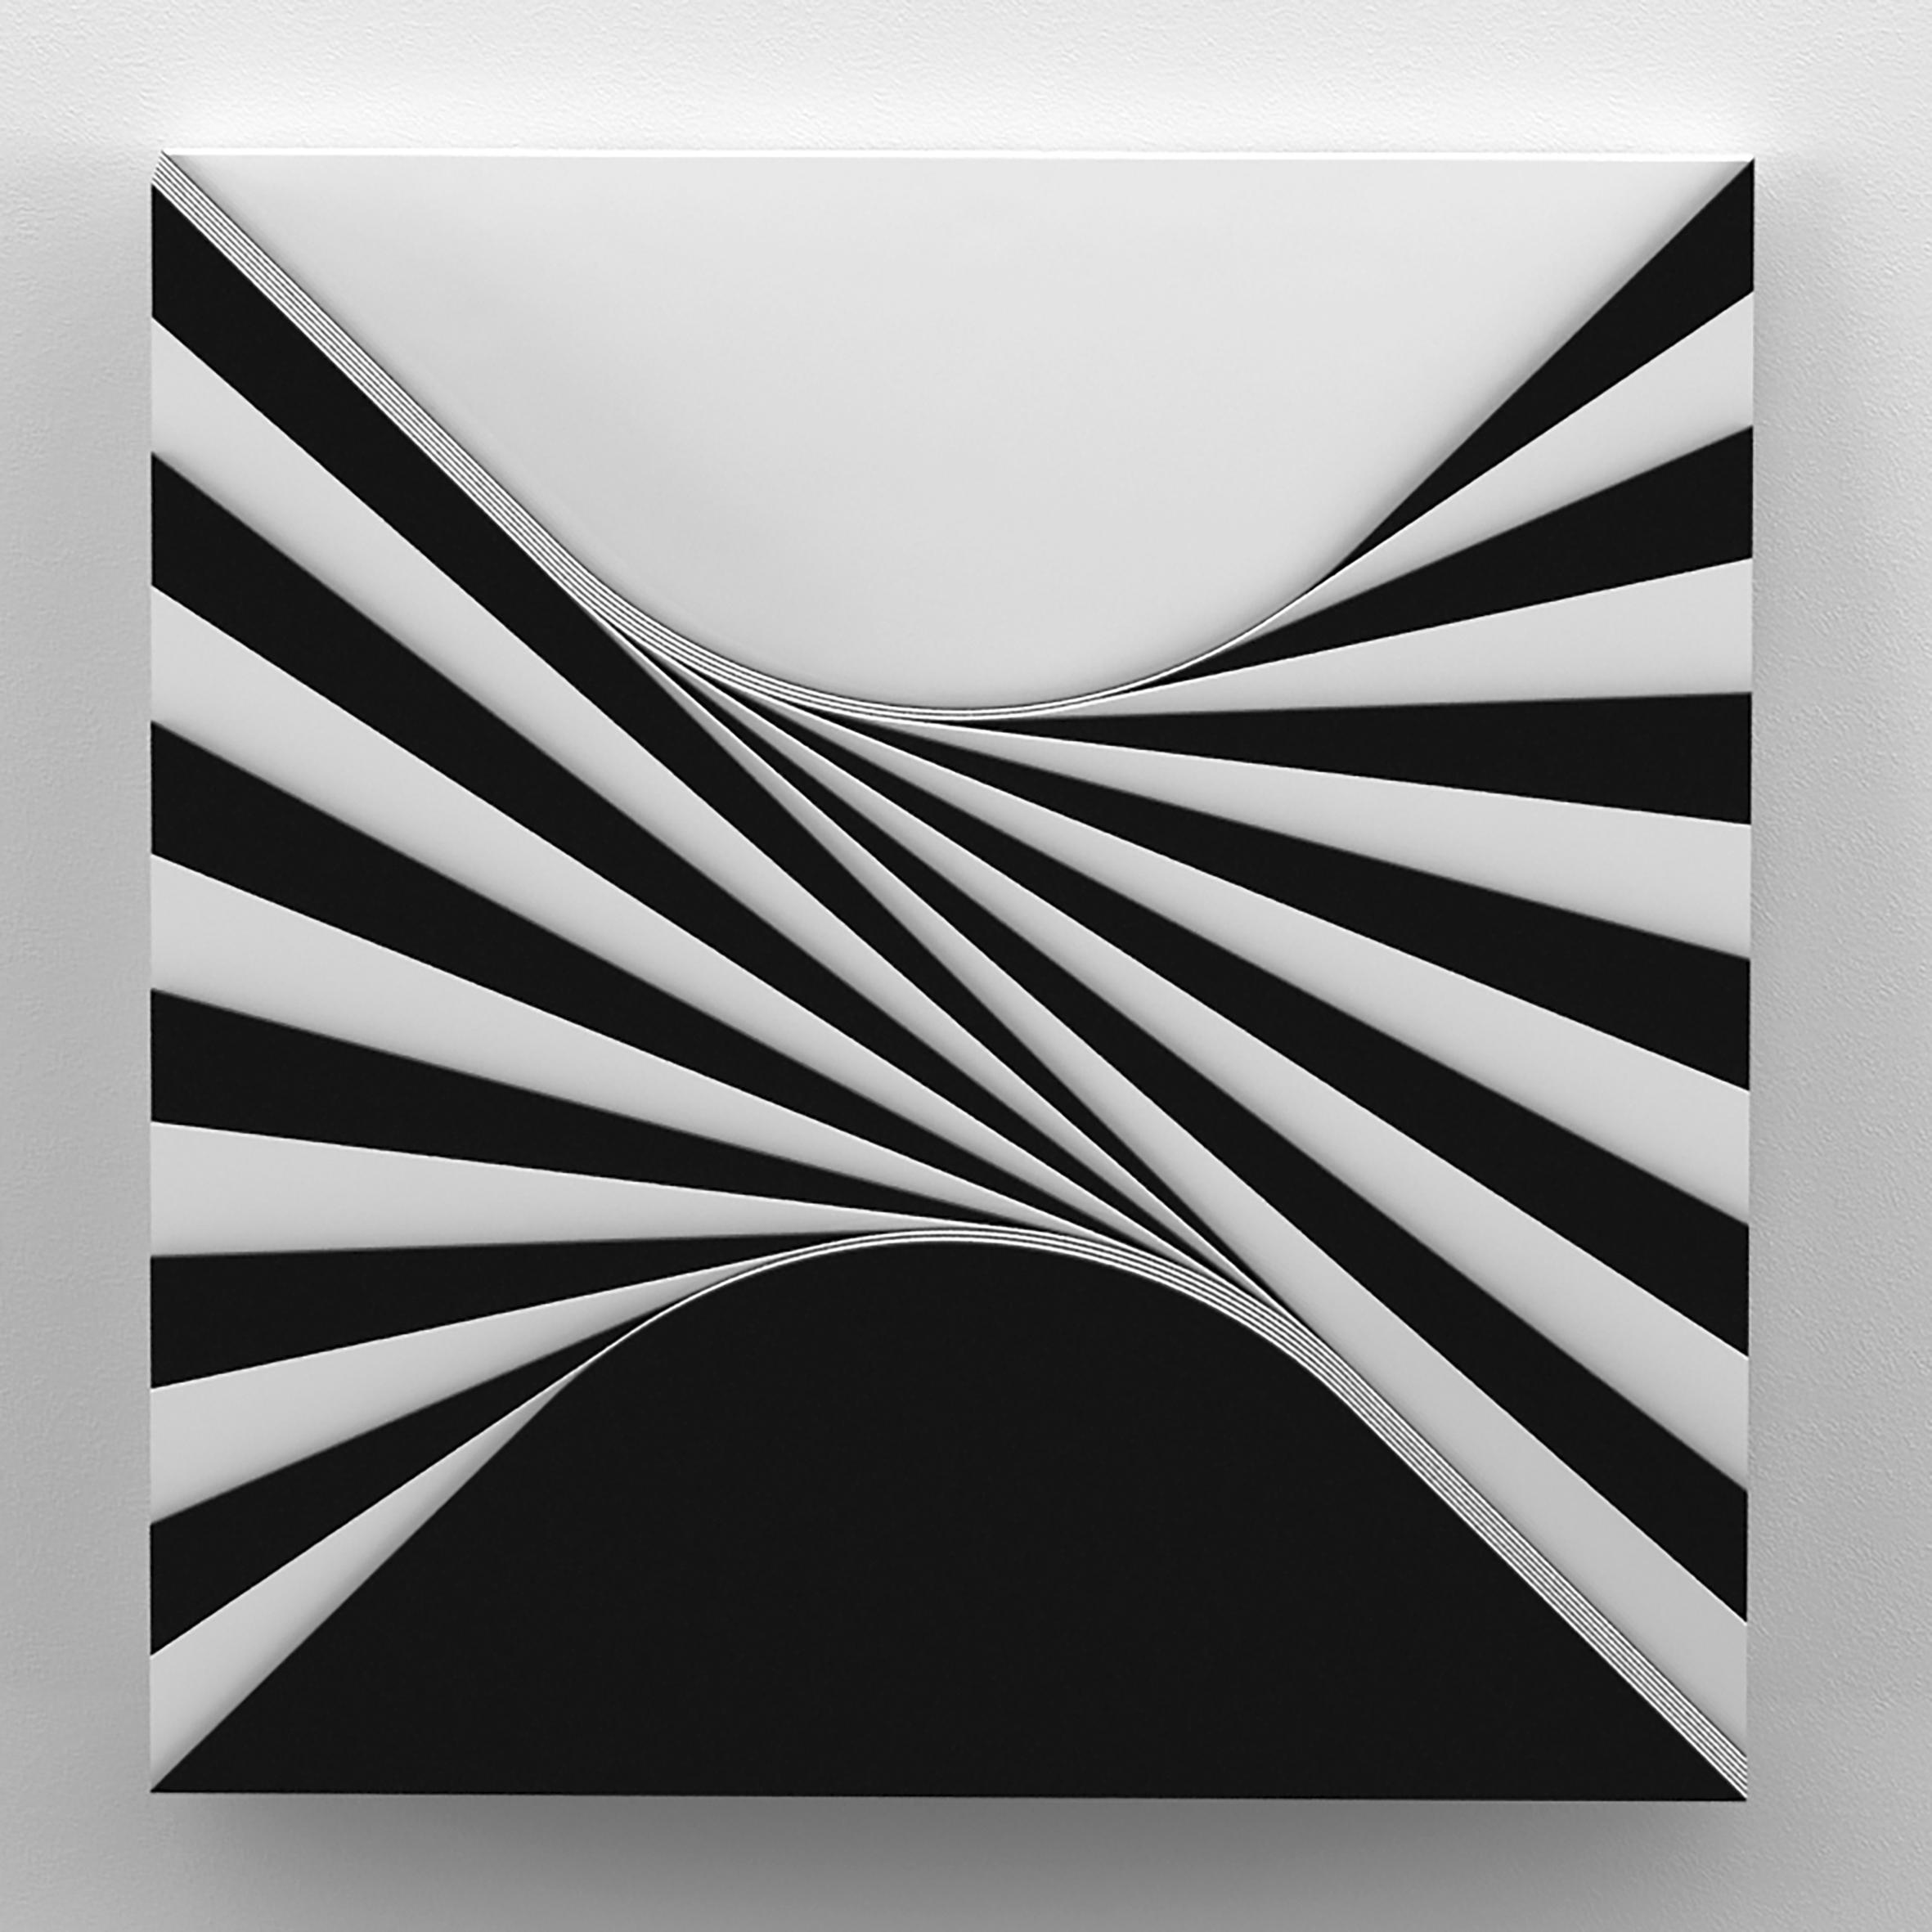 Marcello Morandini, Struttura 516 A / 2007, plexiglas, cm 40x40x8, edizione 9 esemplari Courtesy Cortesi Gallery